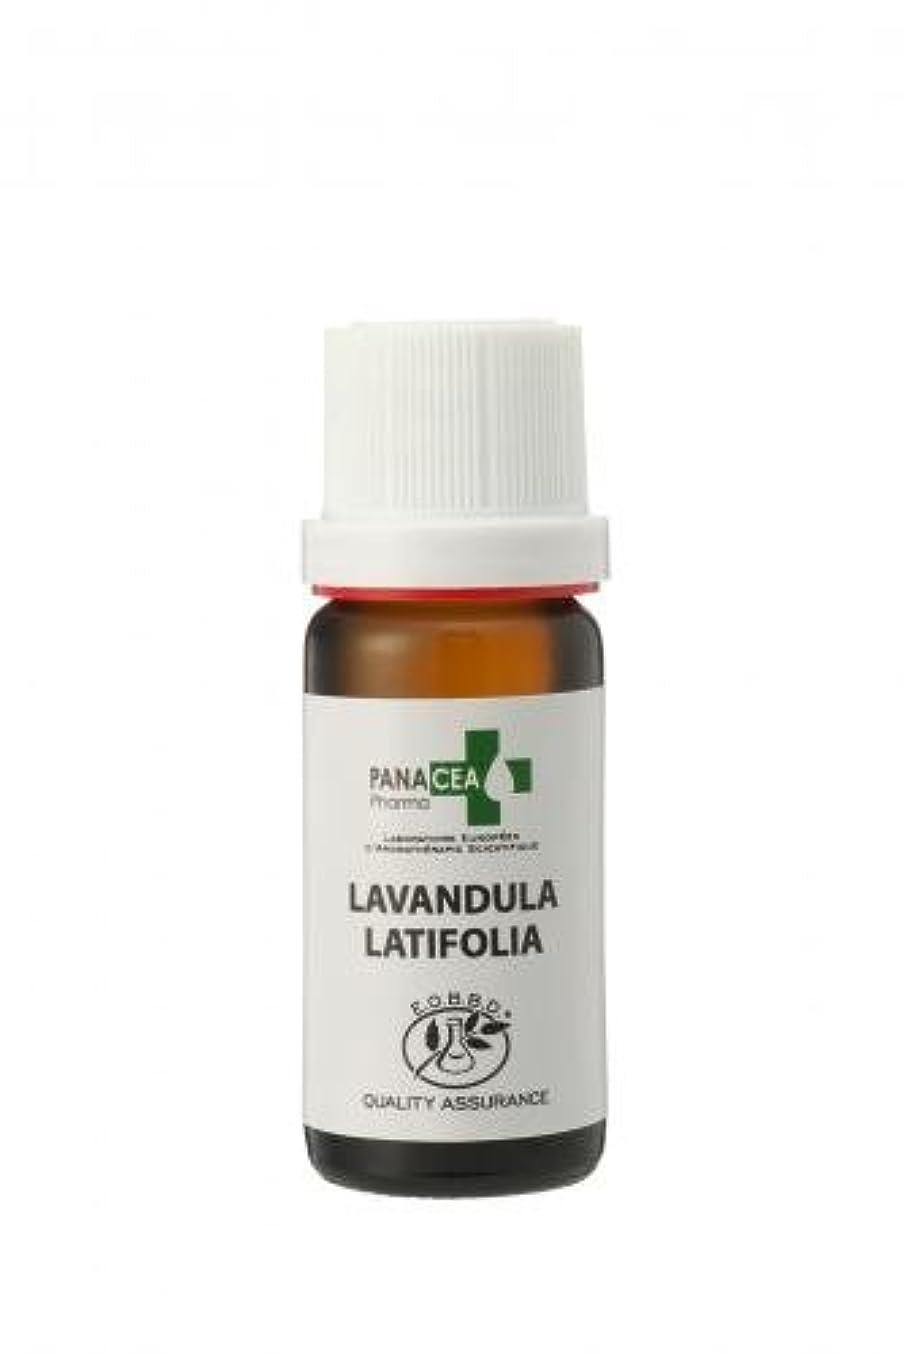 ストロー学習洪水ラベンダー スピカ (Lavandula latifolia) <spica>10ml エッセンシャルオイル PANACEA PHARMA パナセア ファルマ